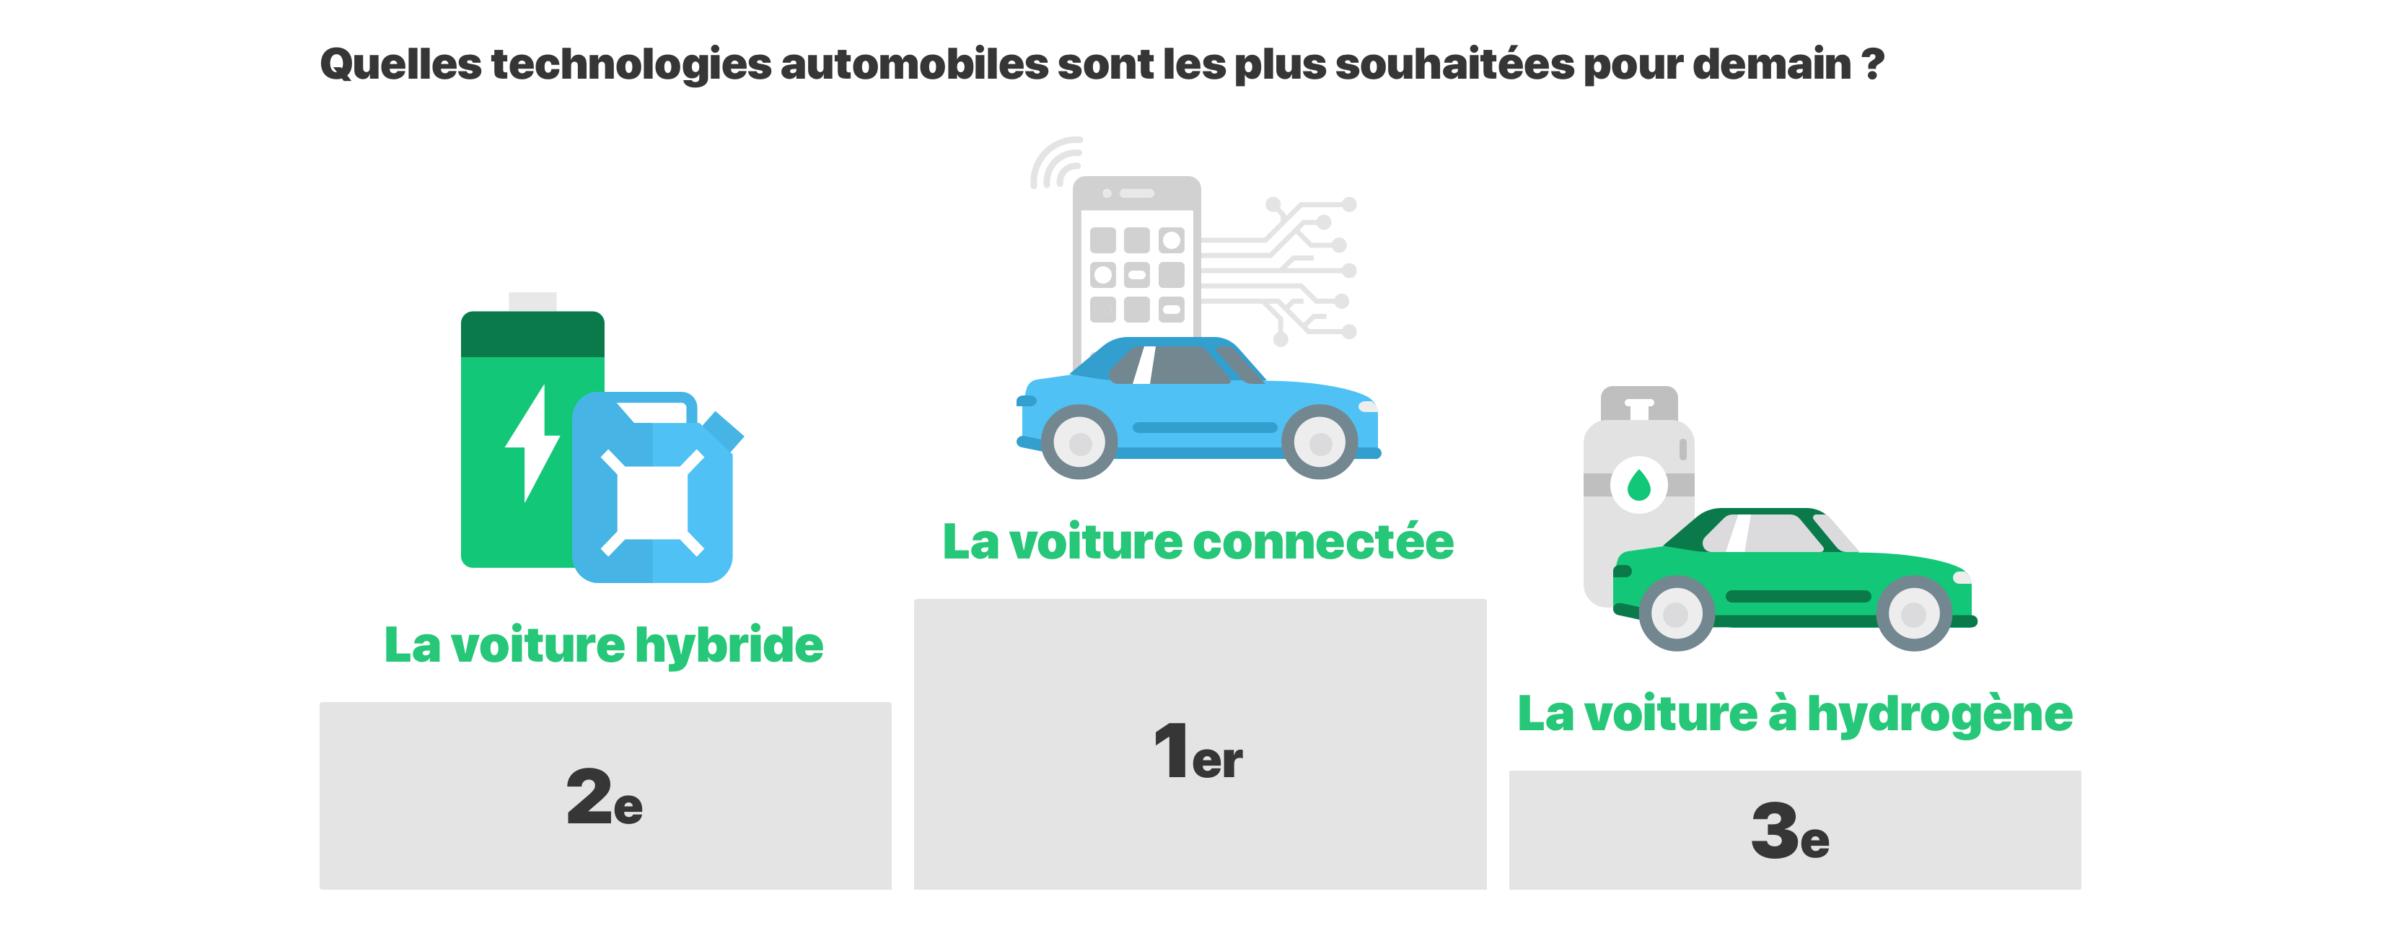 Infographies Vision e1604566221508 - Vos habitudes de conduite et votre vision de l'automobile de demain, en images.